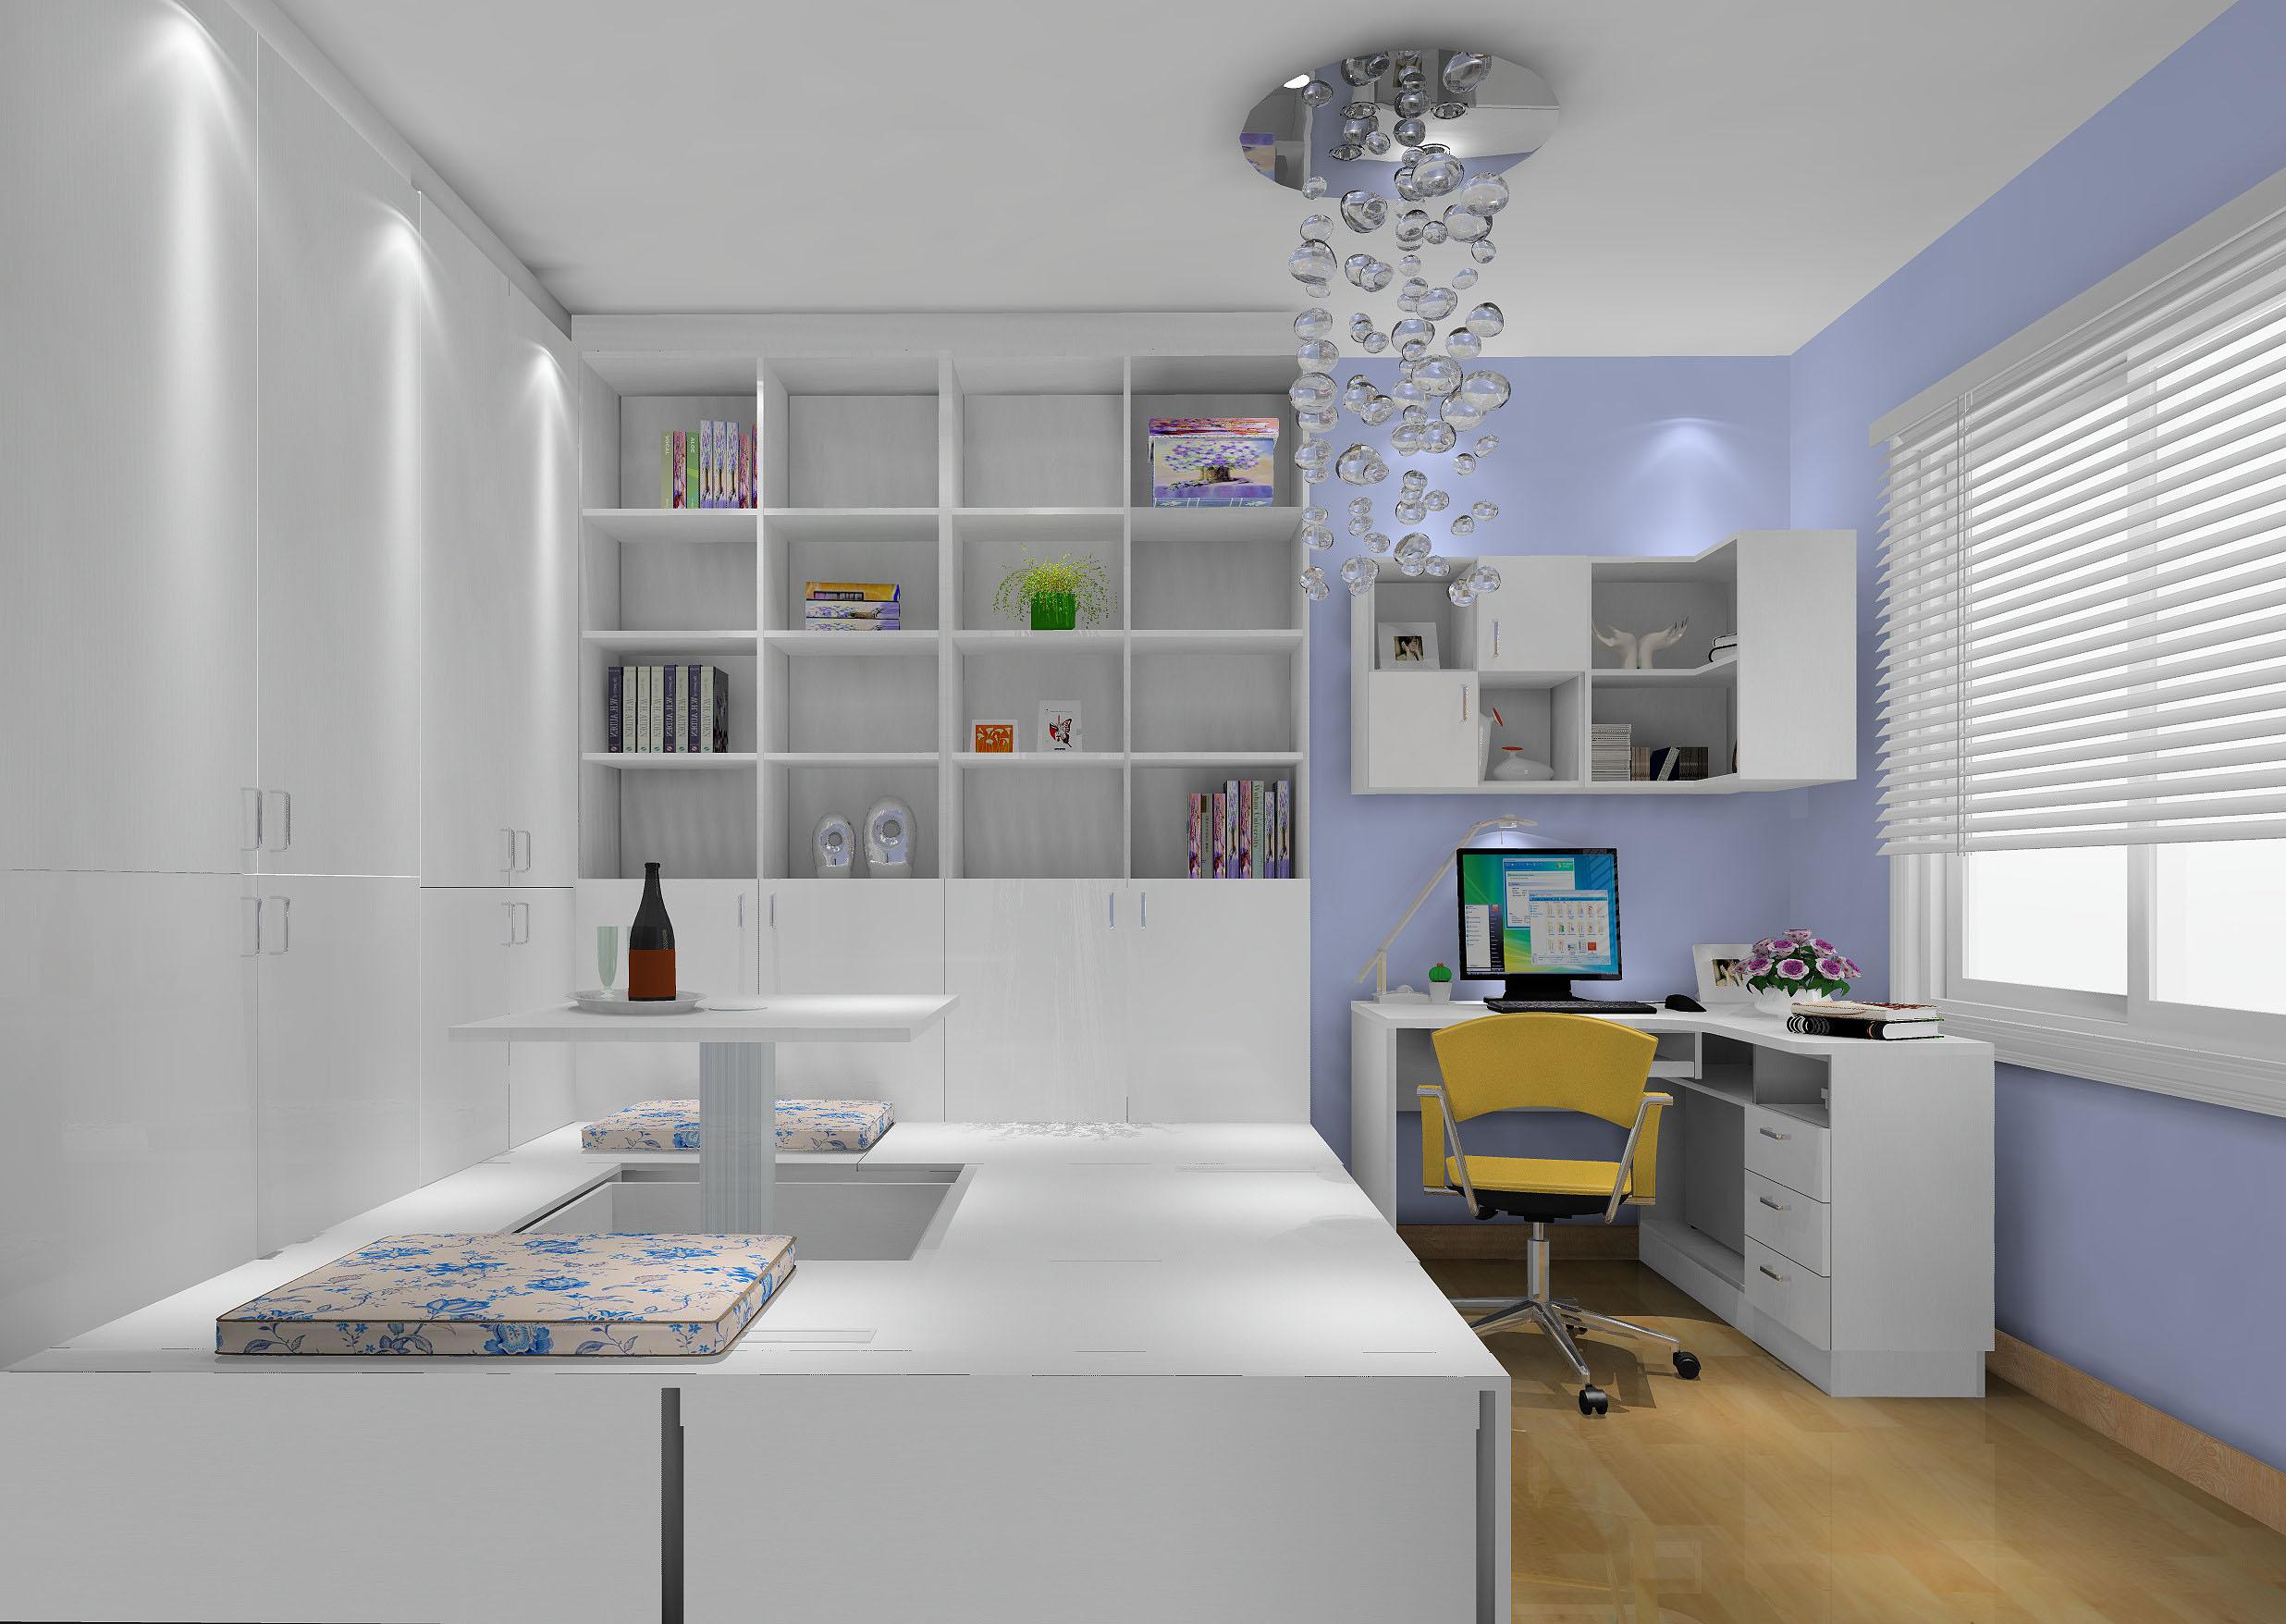 高度国际 长滩壹号 田园 公寓 书房图片来自高度国际在高度国际-168平米田园风的分享